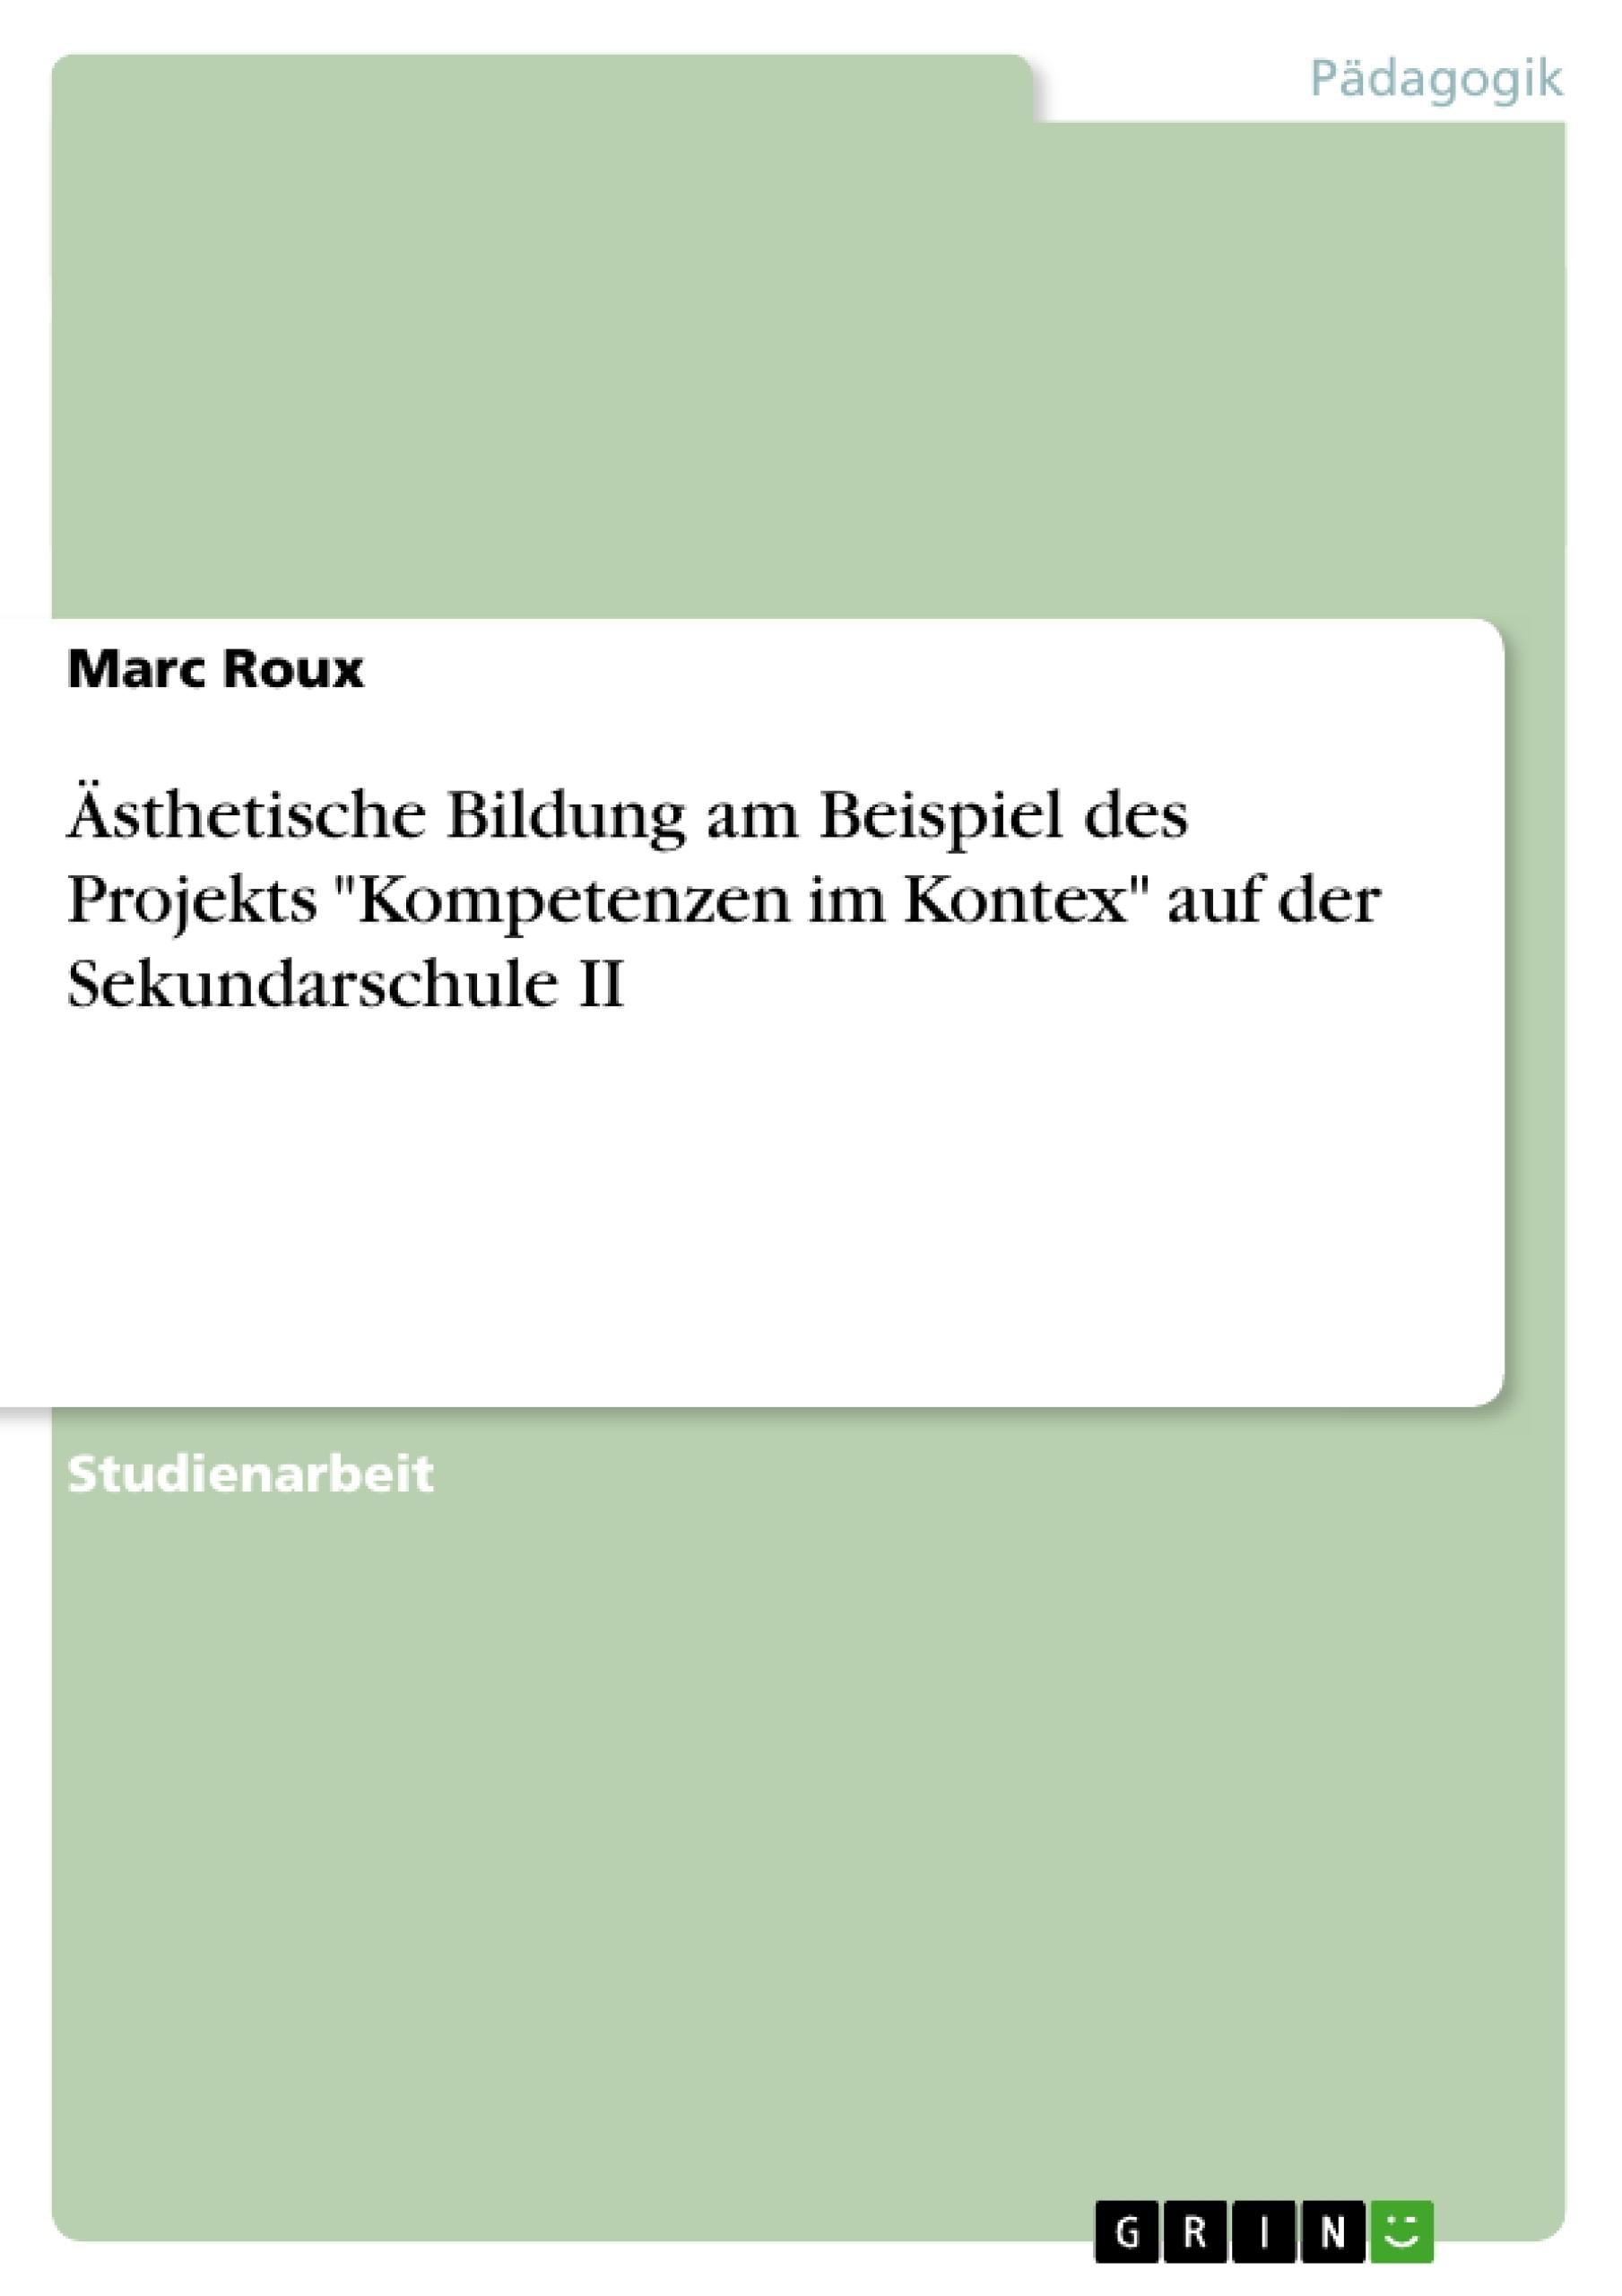 """Titel: Ästhetische Bildung am Beispiel des Projekts """"Kompetenzen im Kontex"""" auf der Sekundarschule II"""